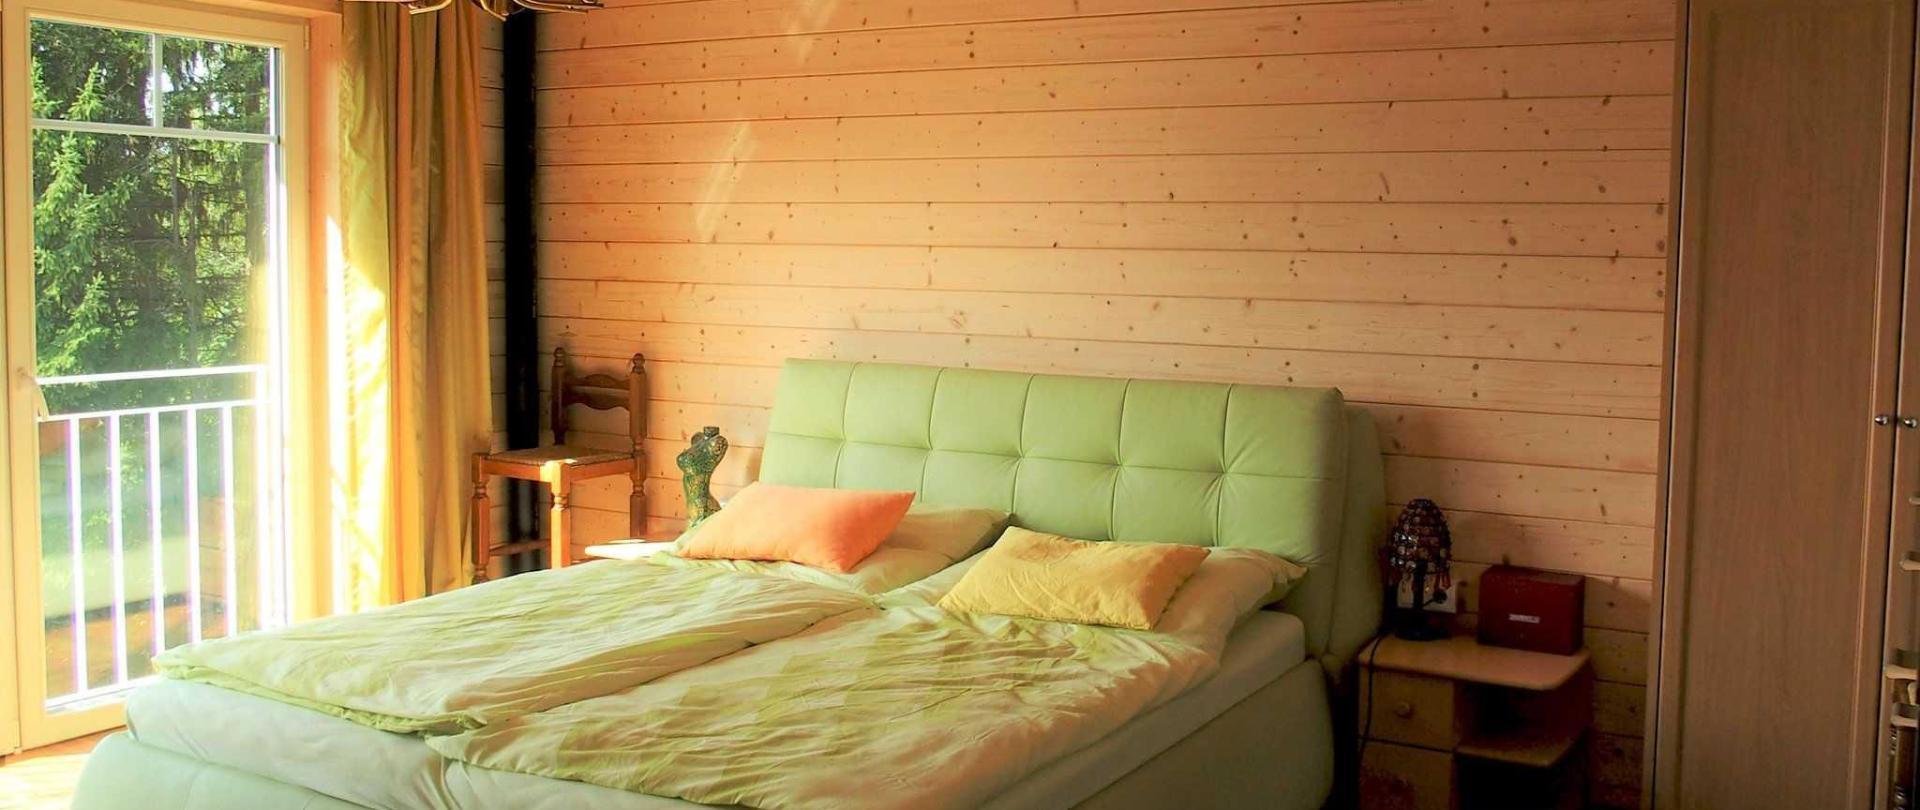 25 m2 großes Schlafzimmer